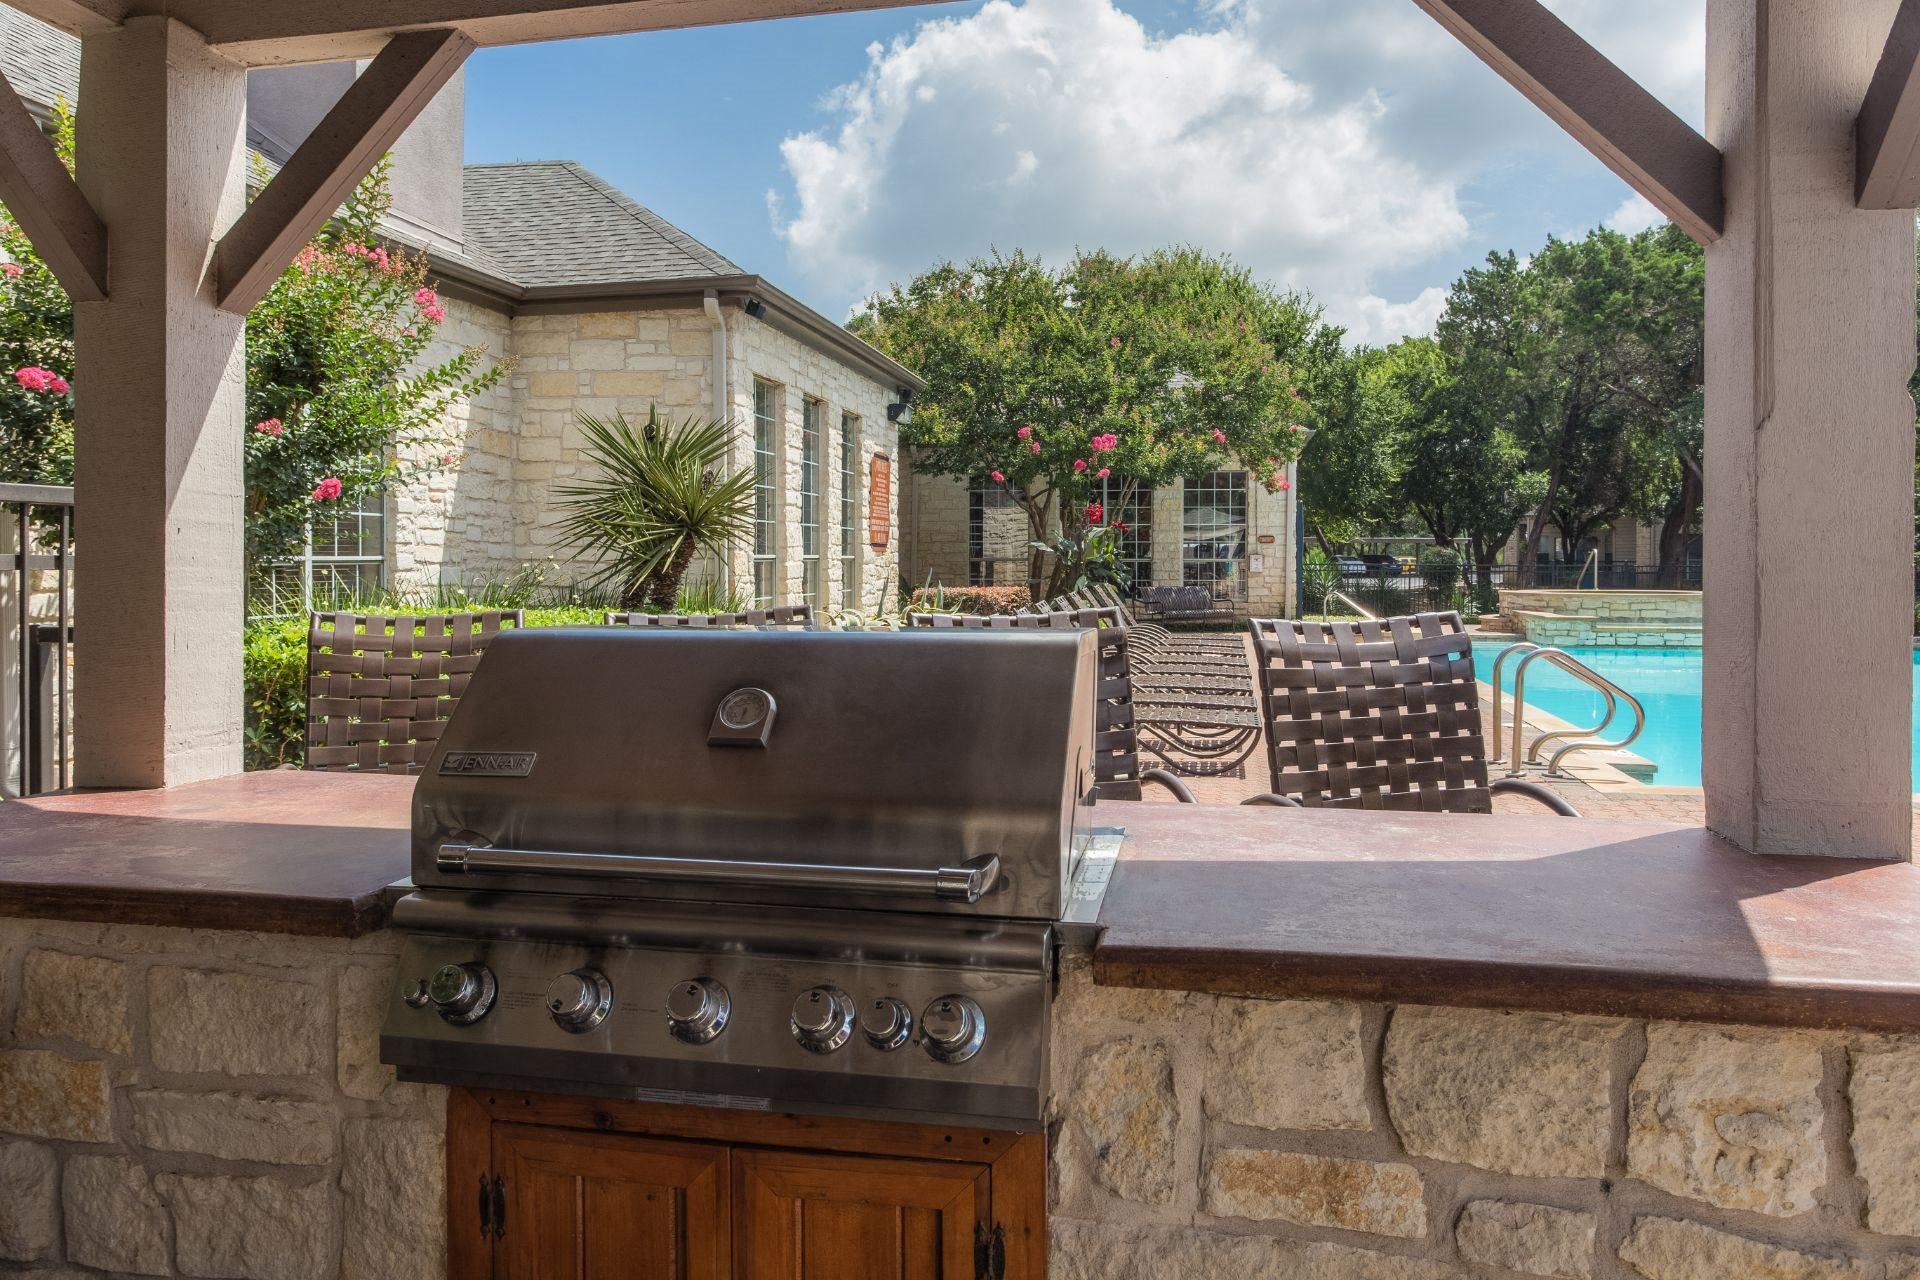 BBQ Grill at San Marin, Austin